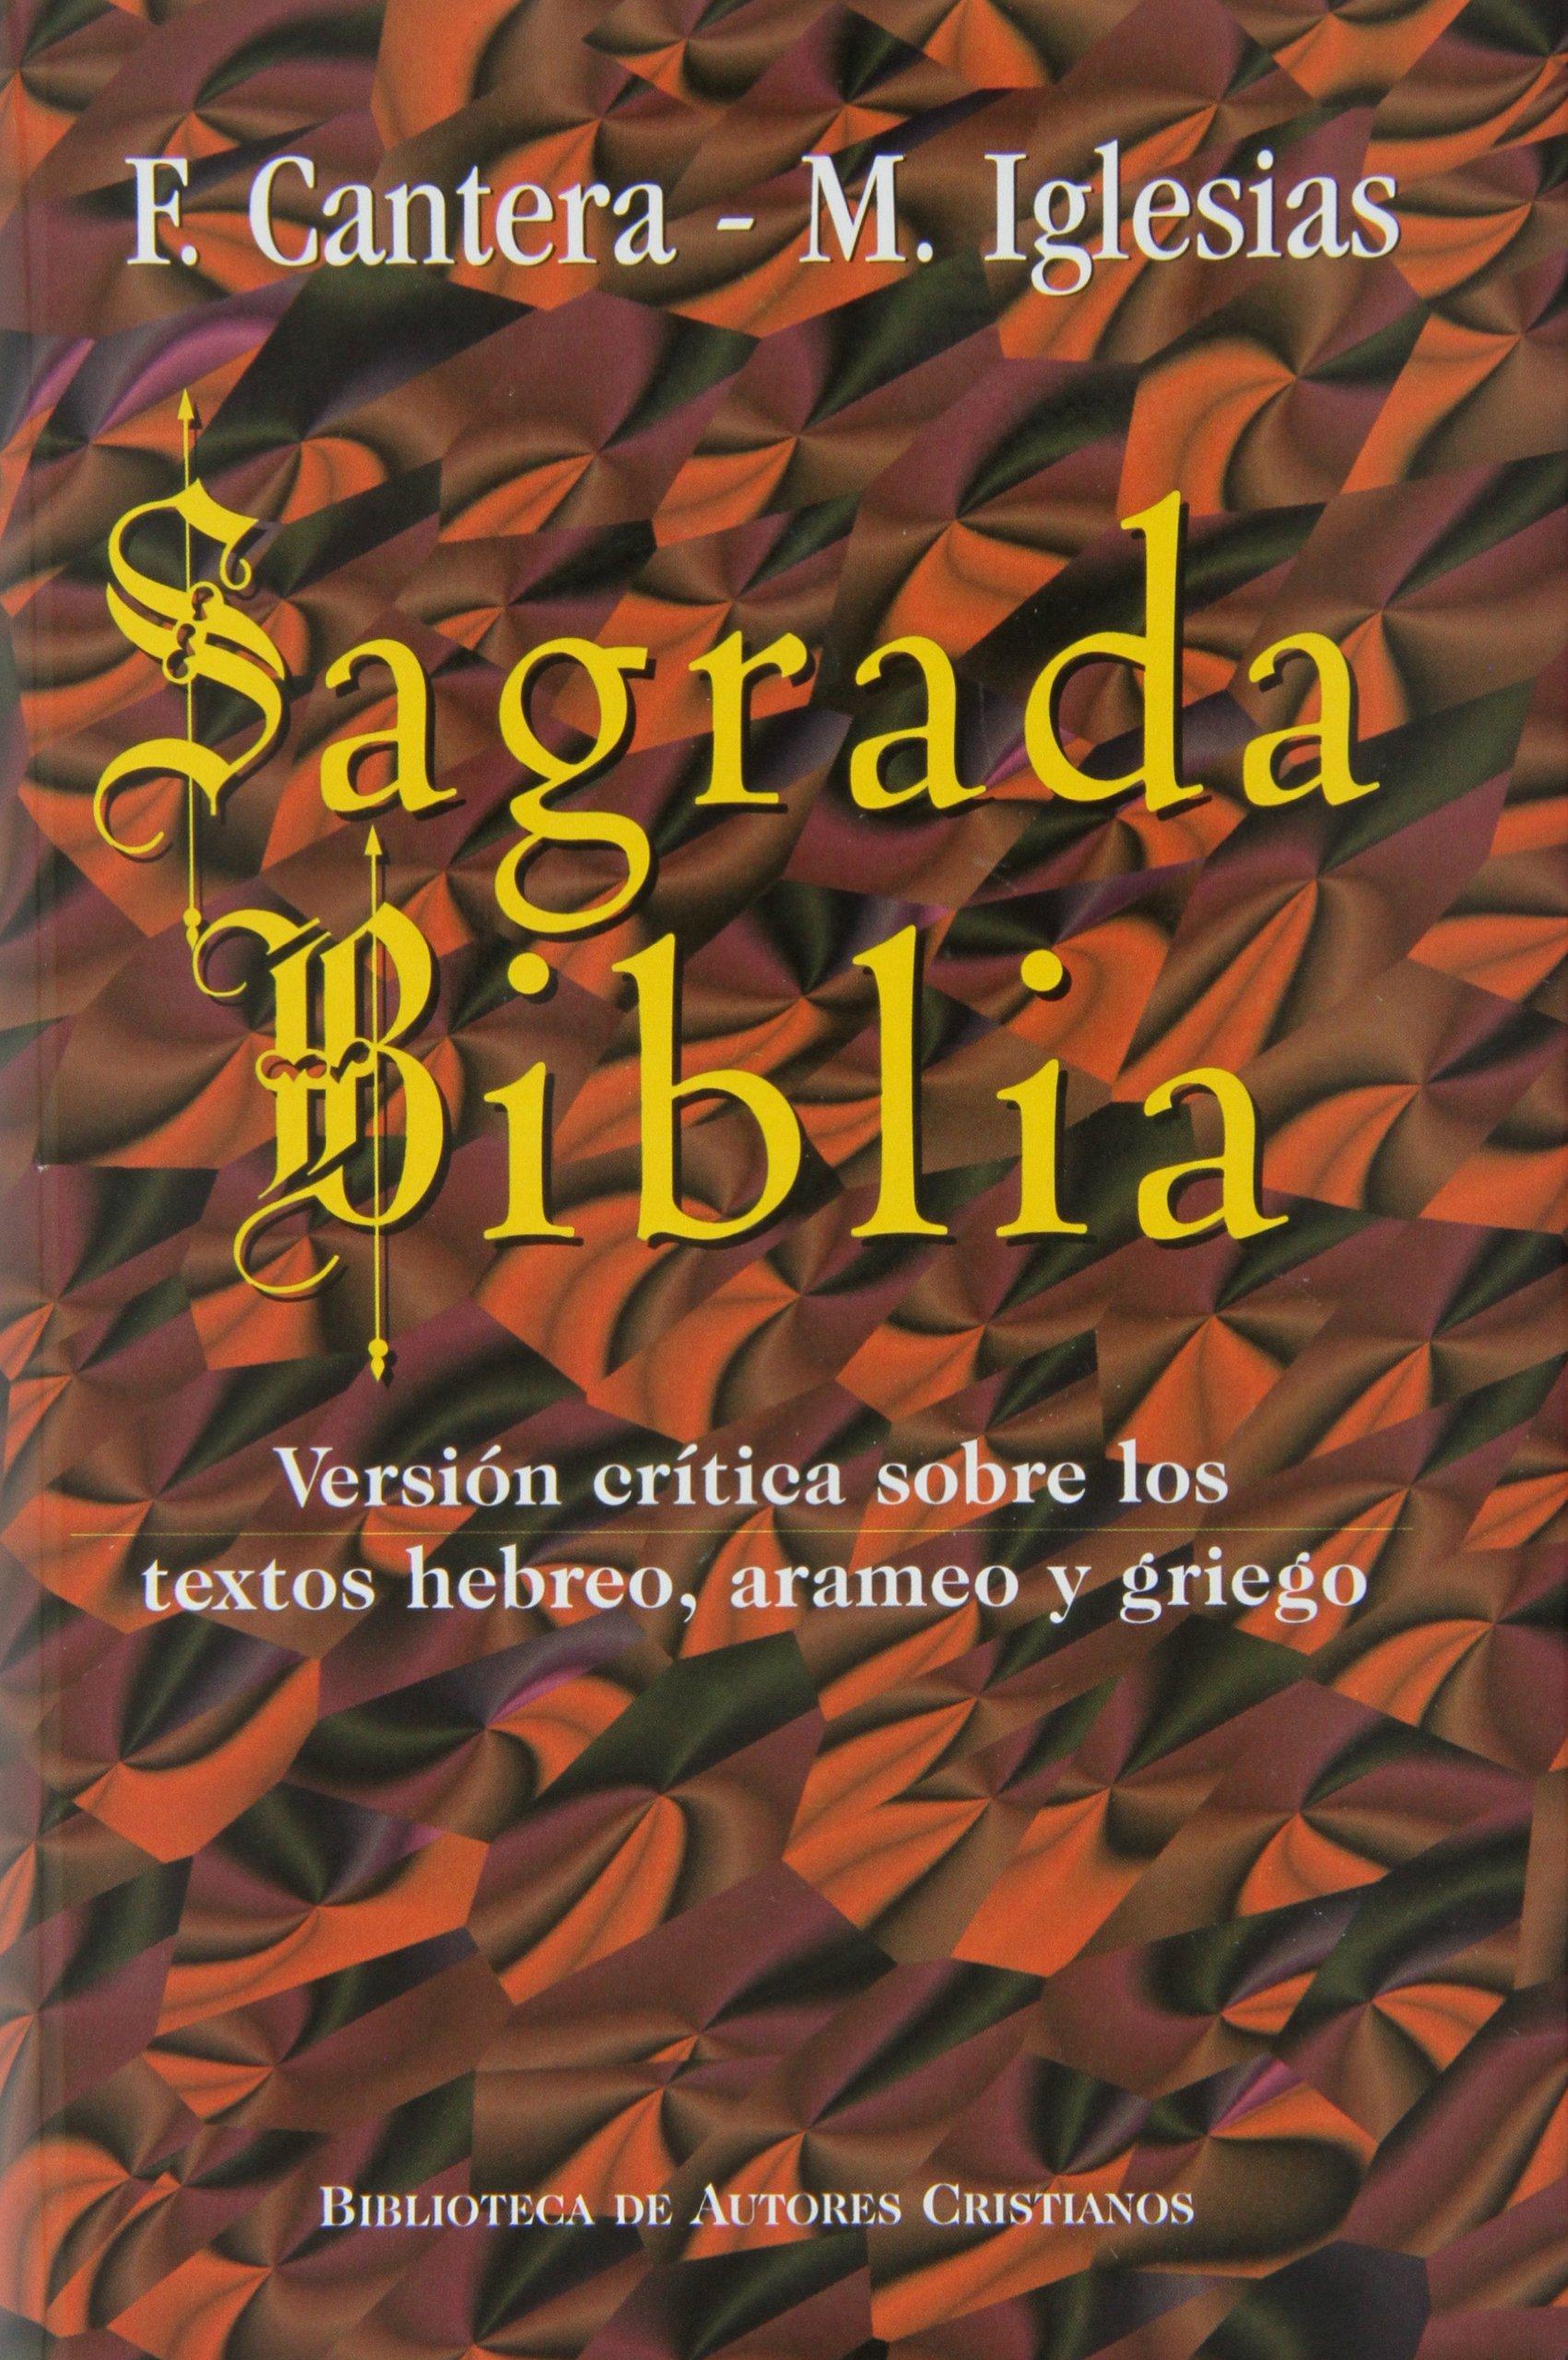 Sagrada Biblia Cantera Iglesias Versi N Cr Tica Sobre Los  # Muebles En Hebreo